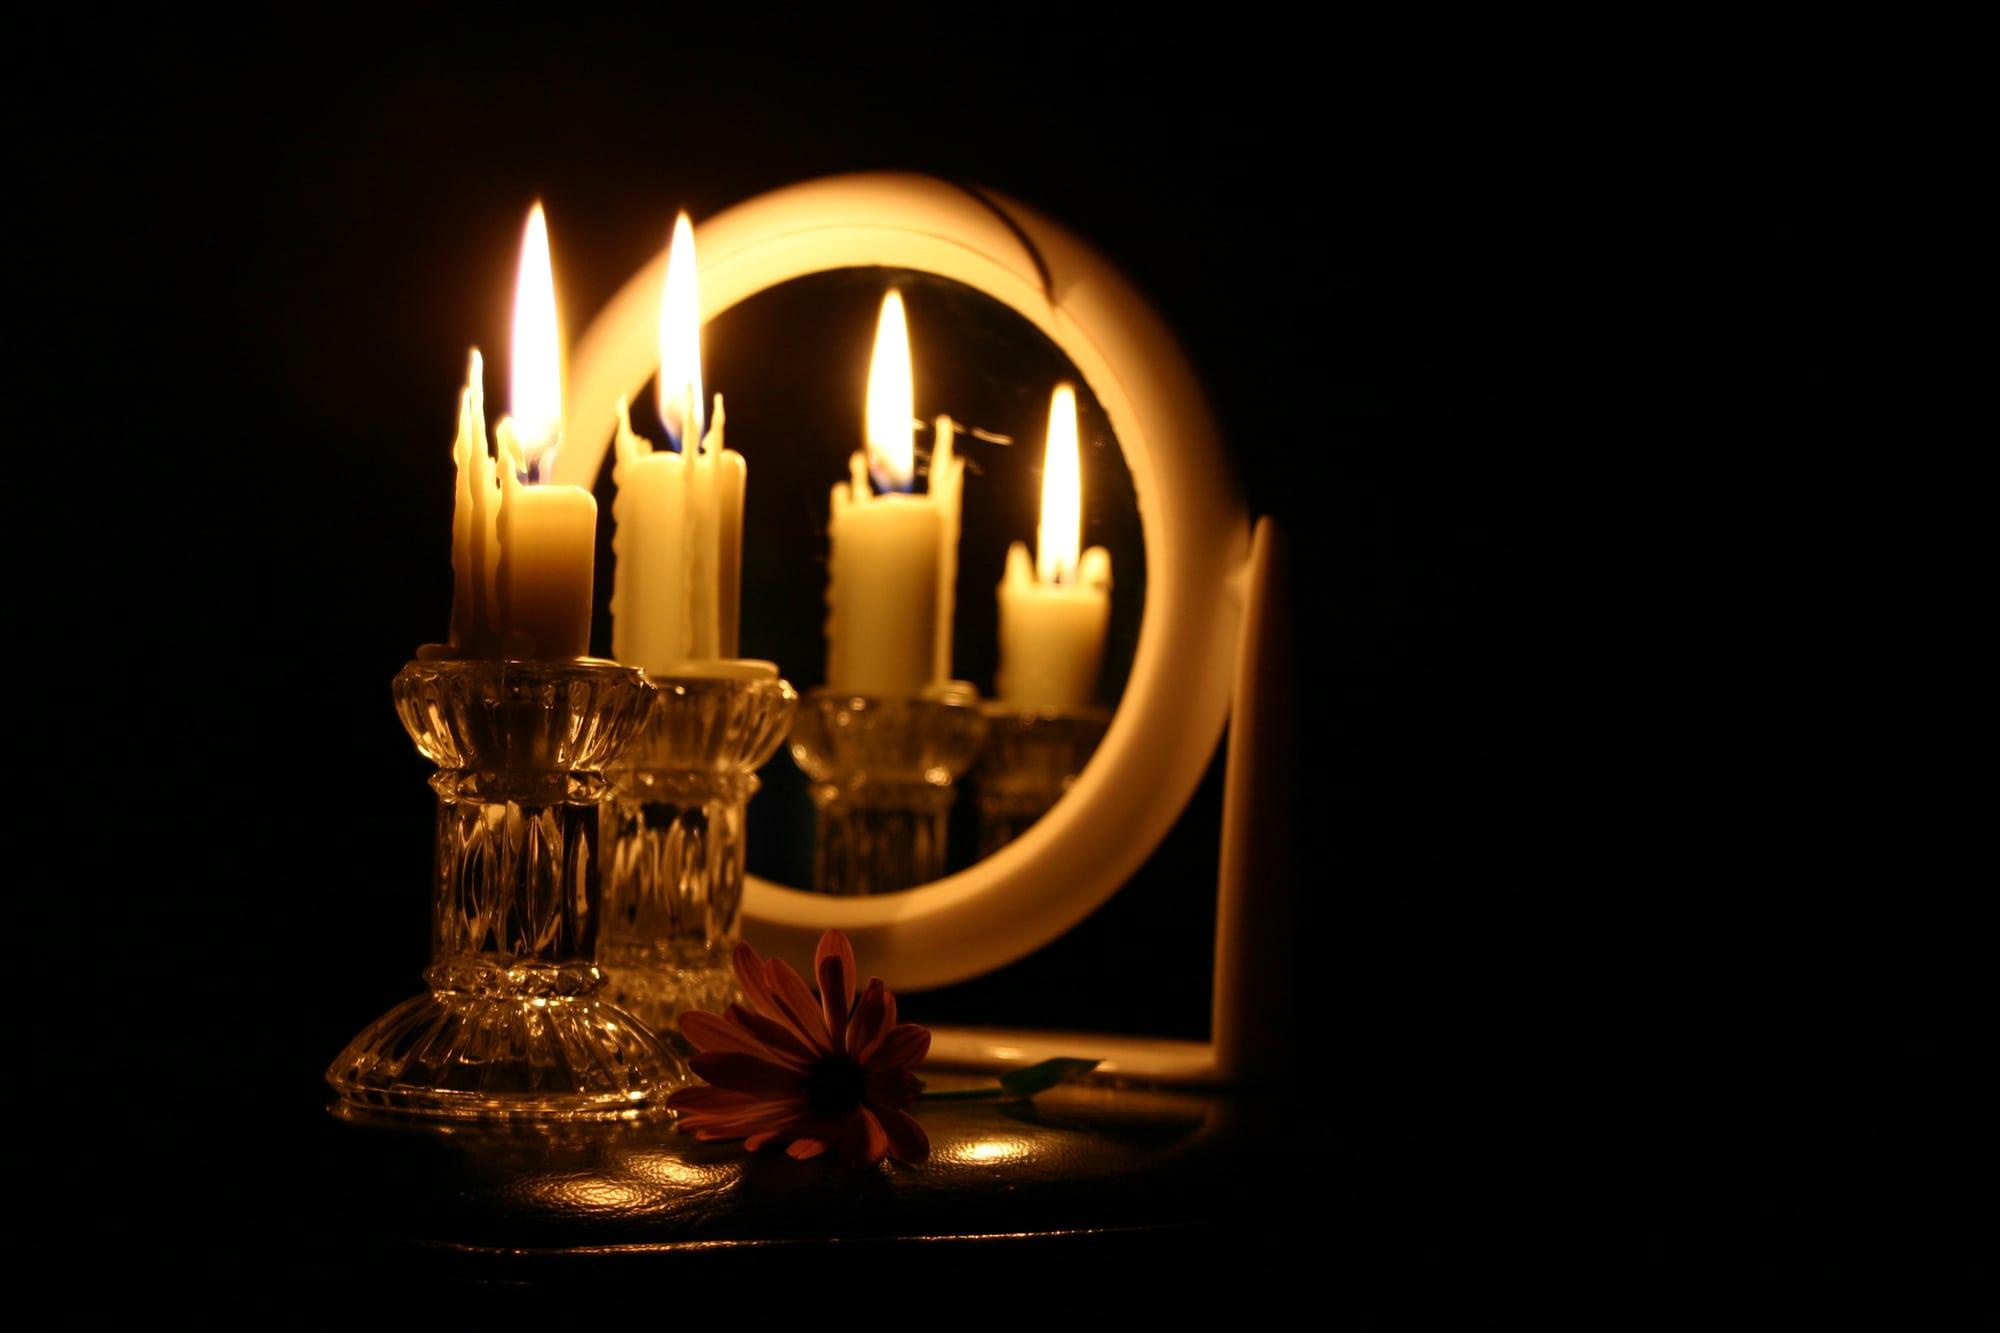 гадание со свечами и зеркалом